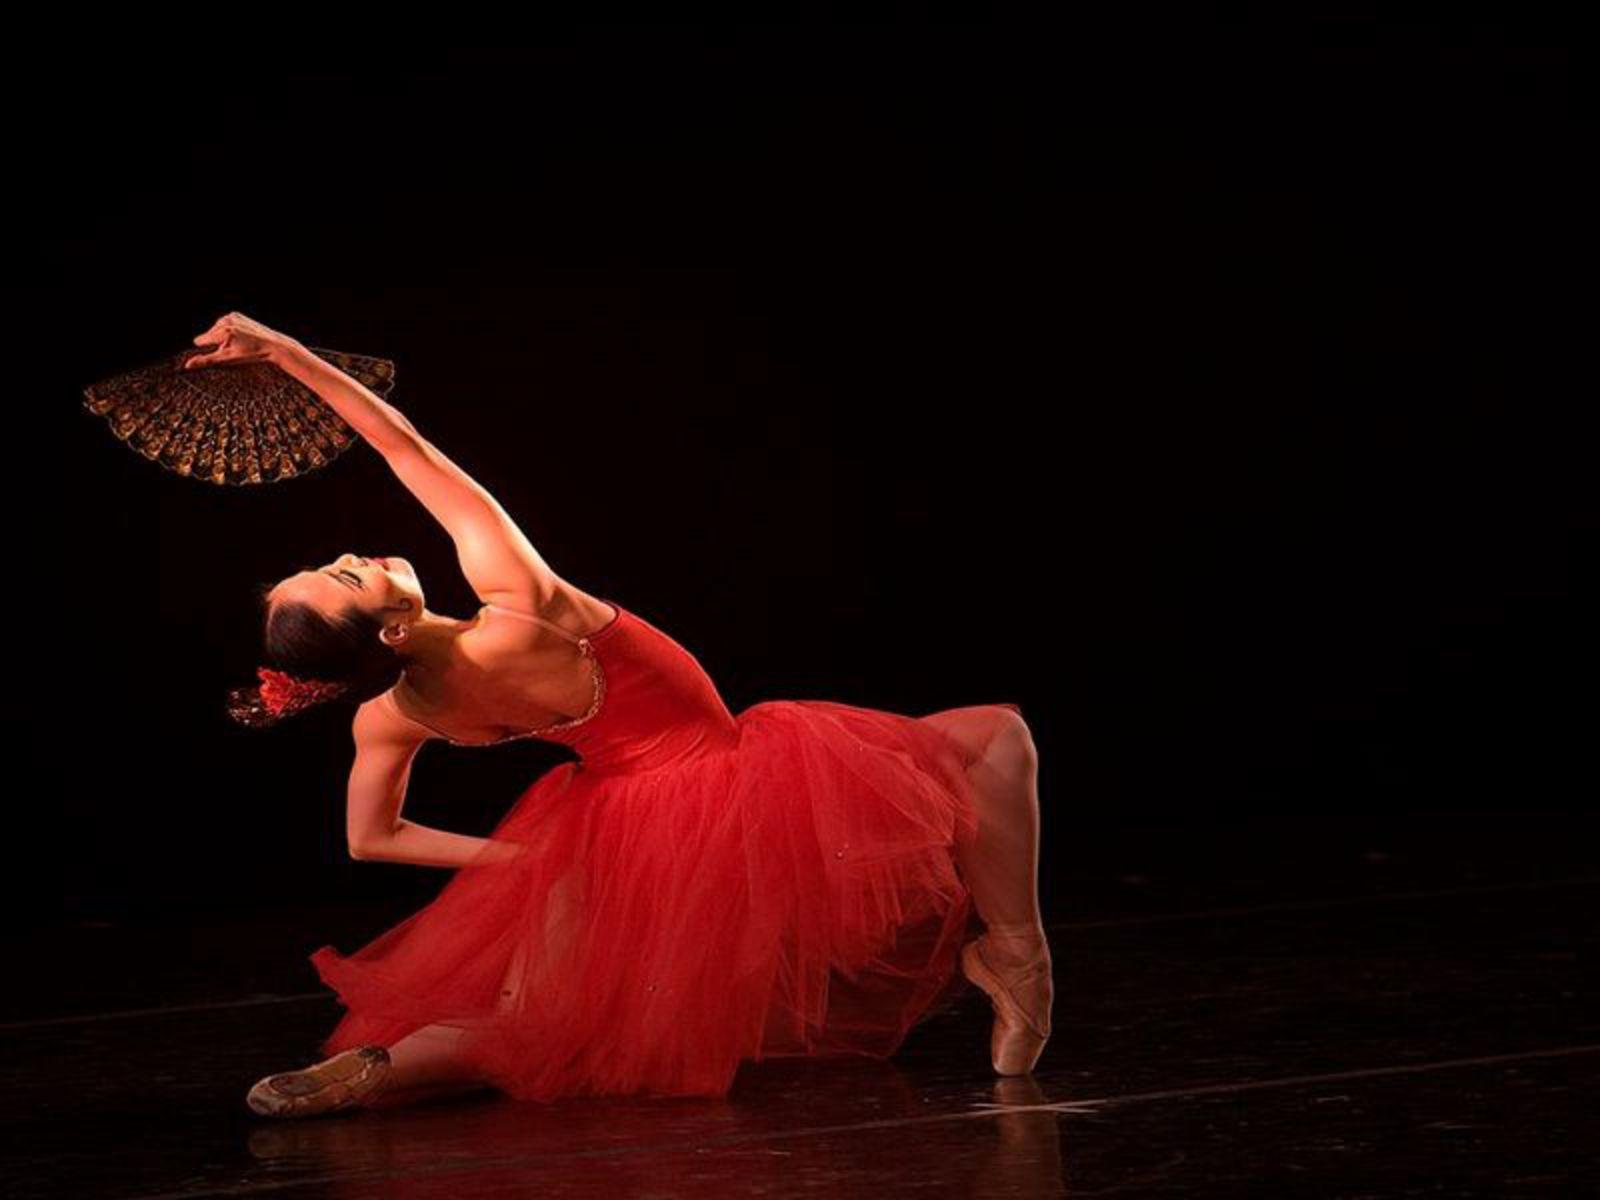 фото с балериной должен говорить